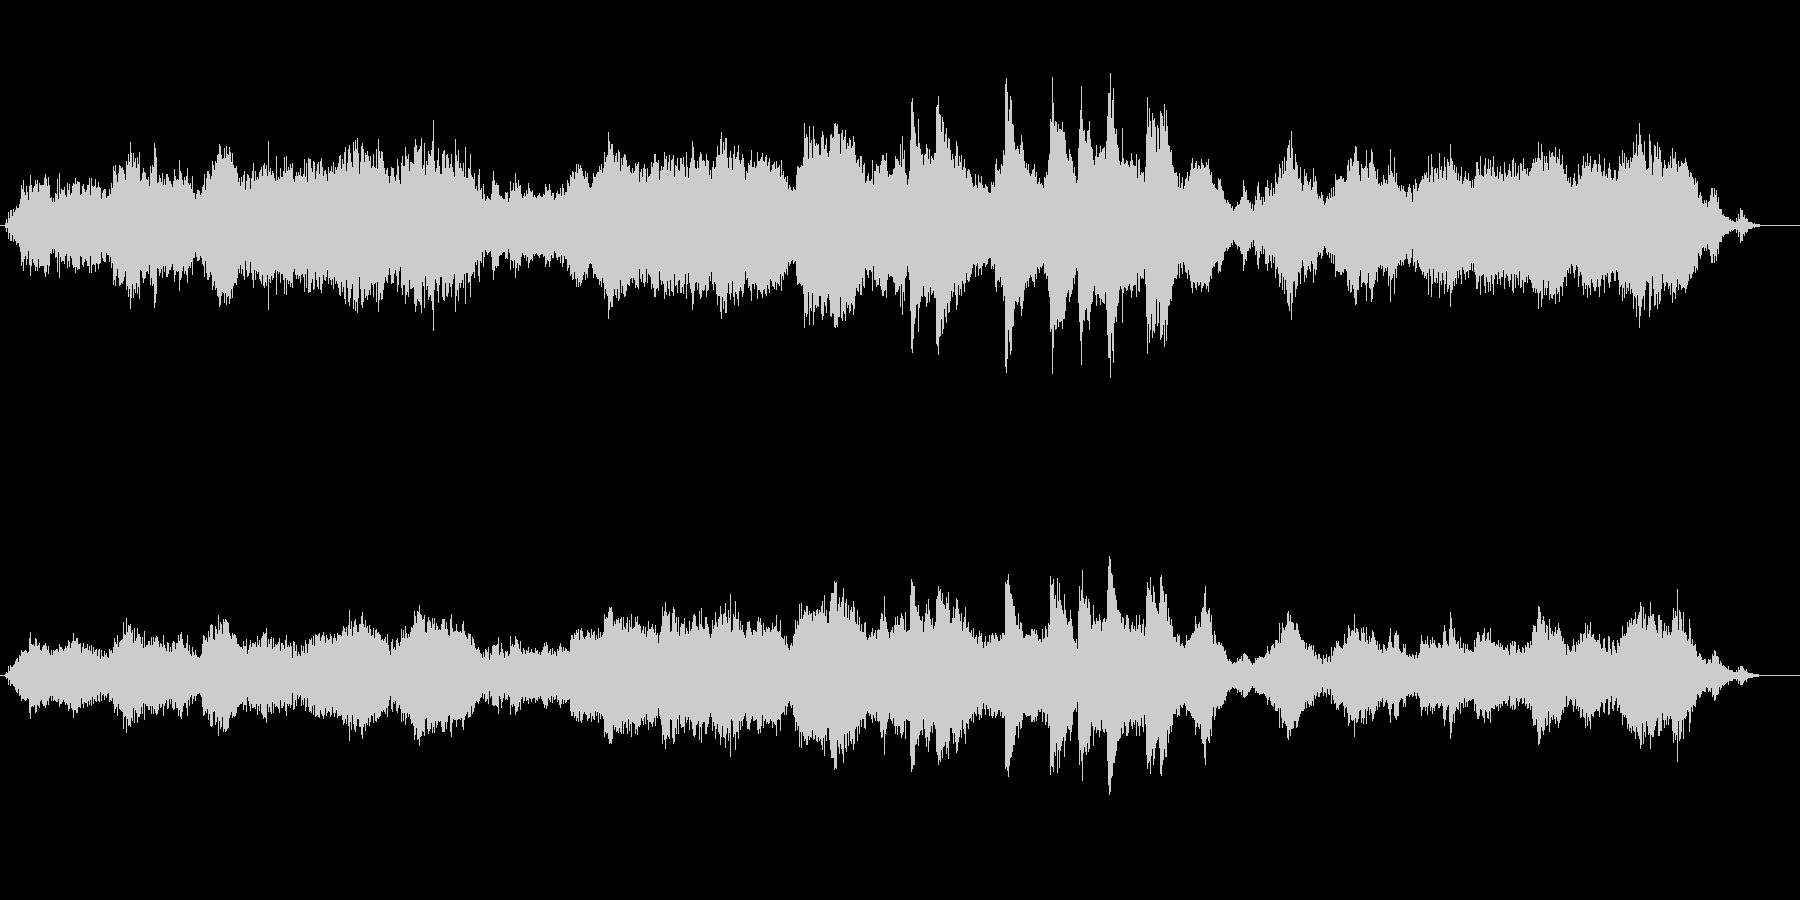 環境音楽(海中探索風)の未再生の波形